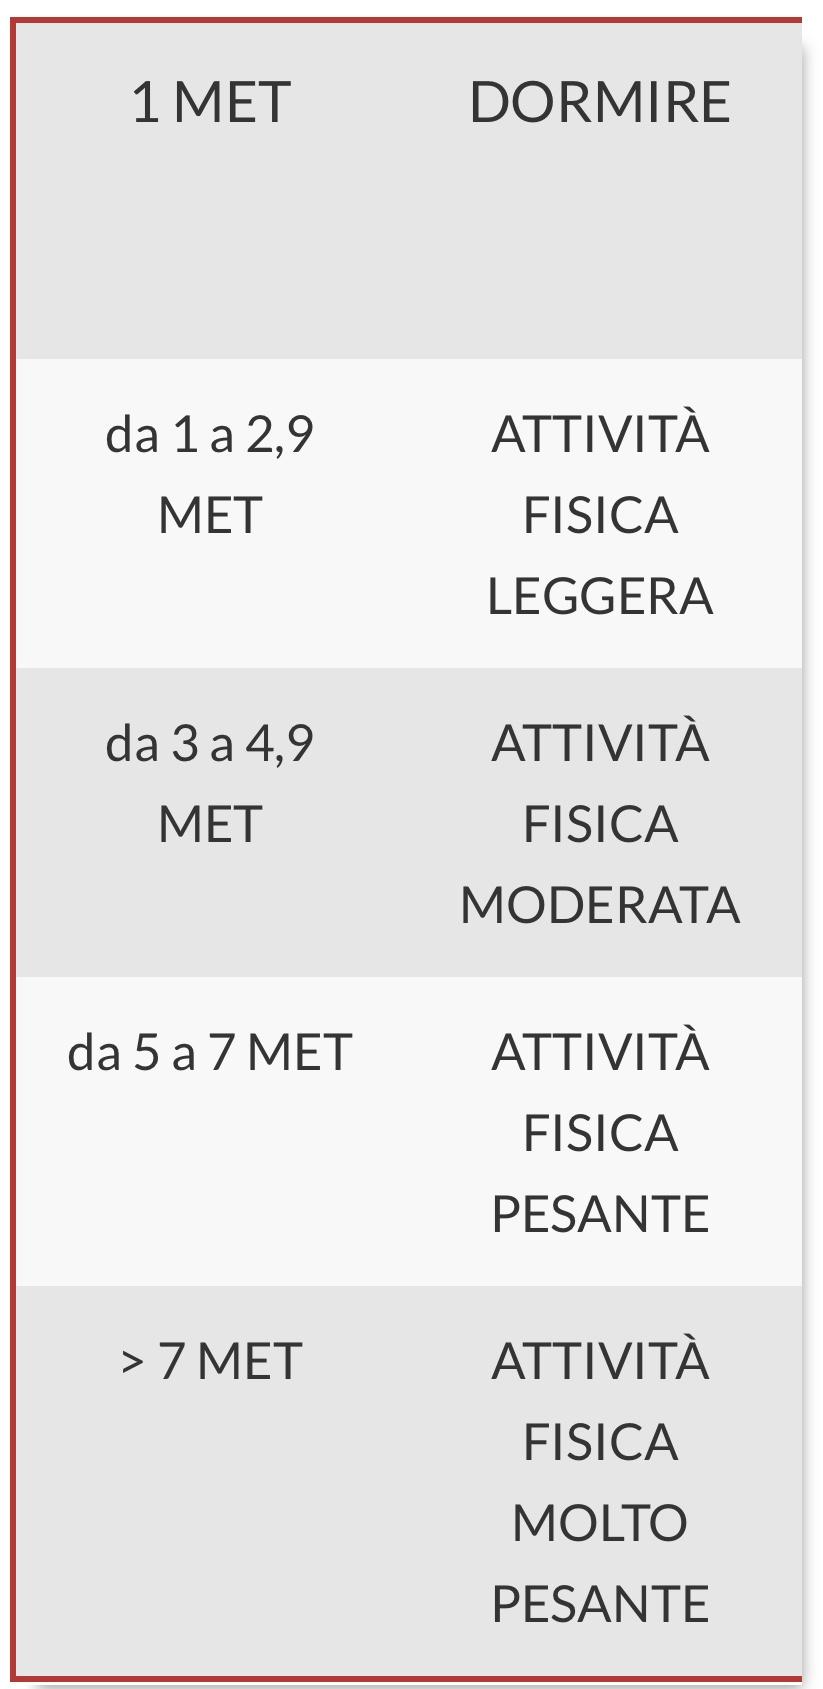 2FC3B1BB-FFD8-4714-AE85-AE29E4A7D926